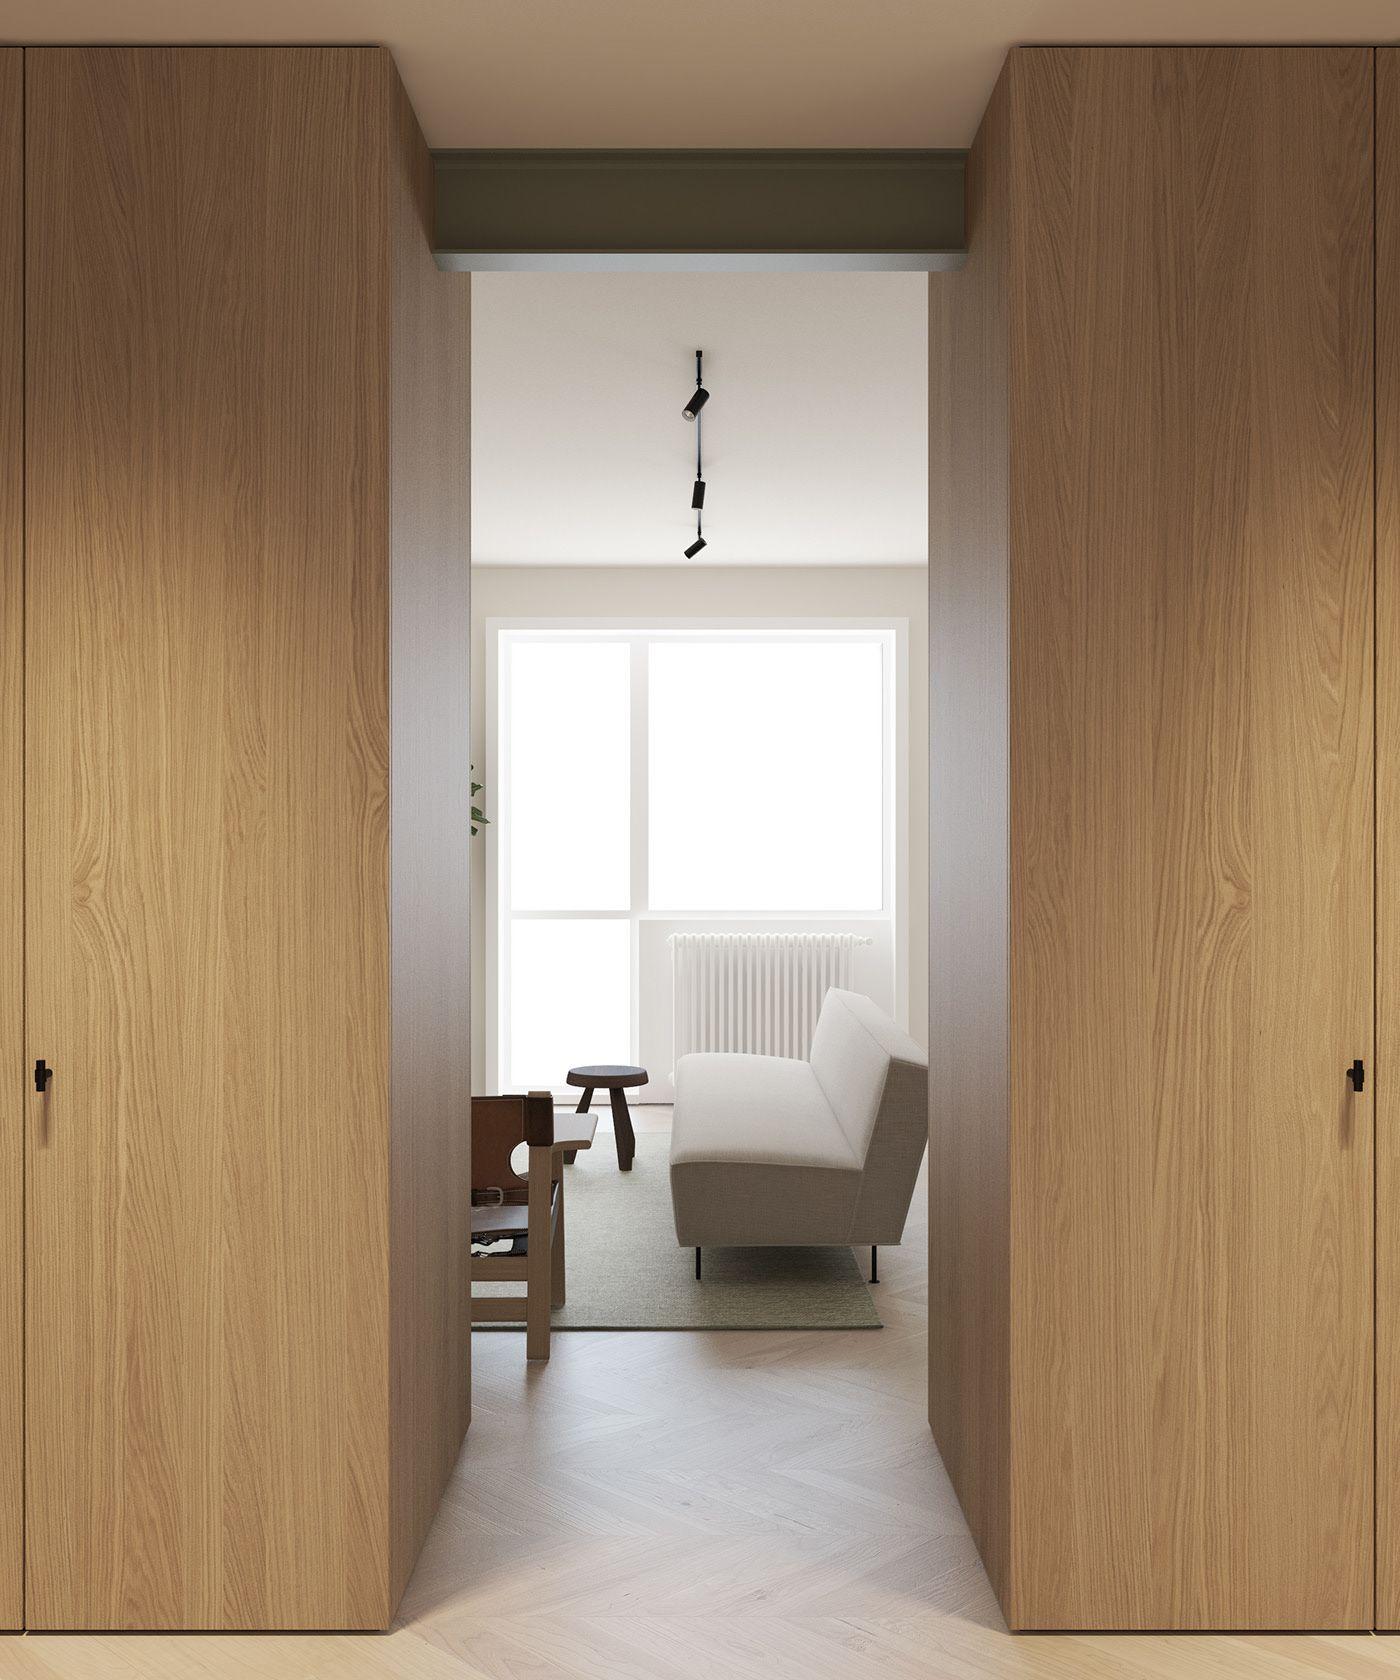 Copenhagen On Behance In 2020 Home Decor Styles Modern Interior Design Furniture Design Modern